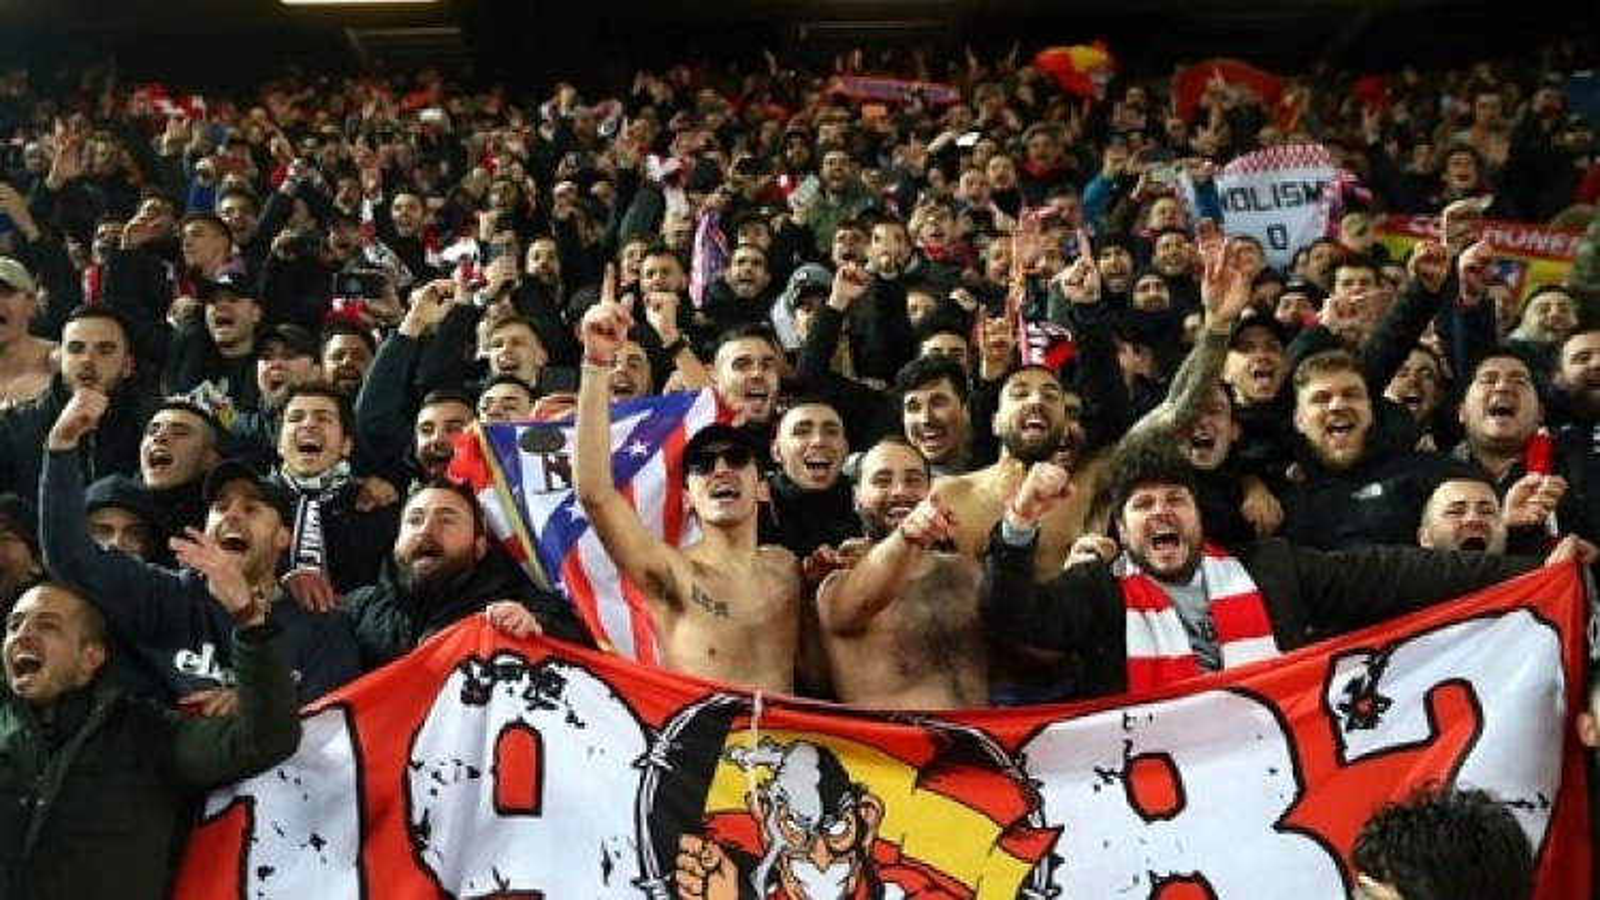 Thị trưởng Madrid: Cho phép CĐV Atletico đến Anfield là một sai lầm